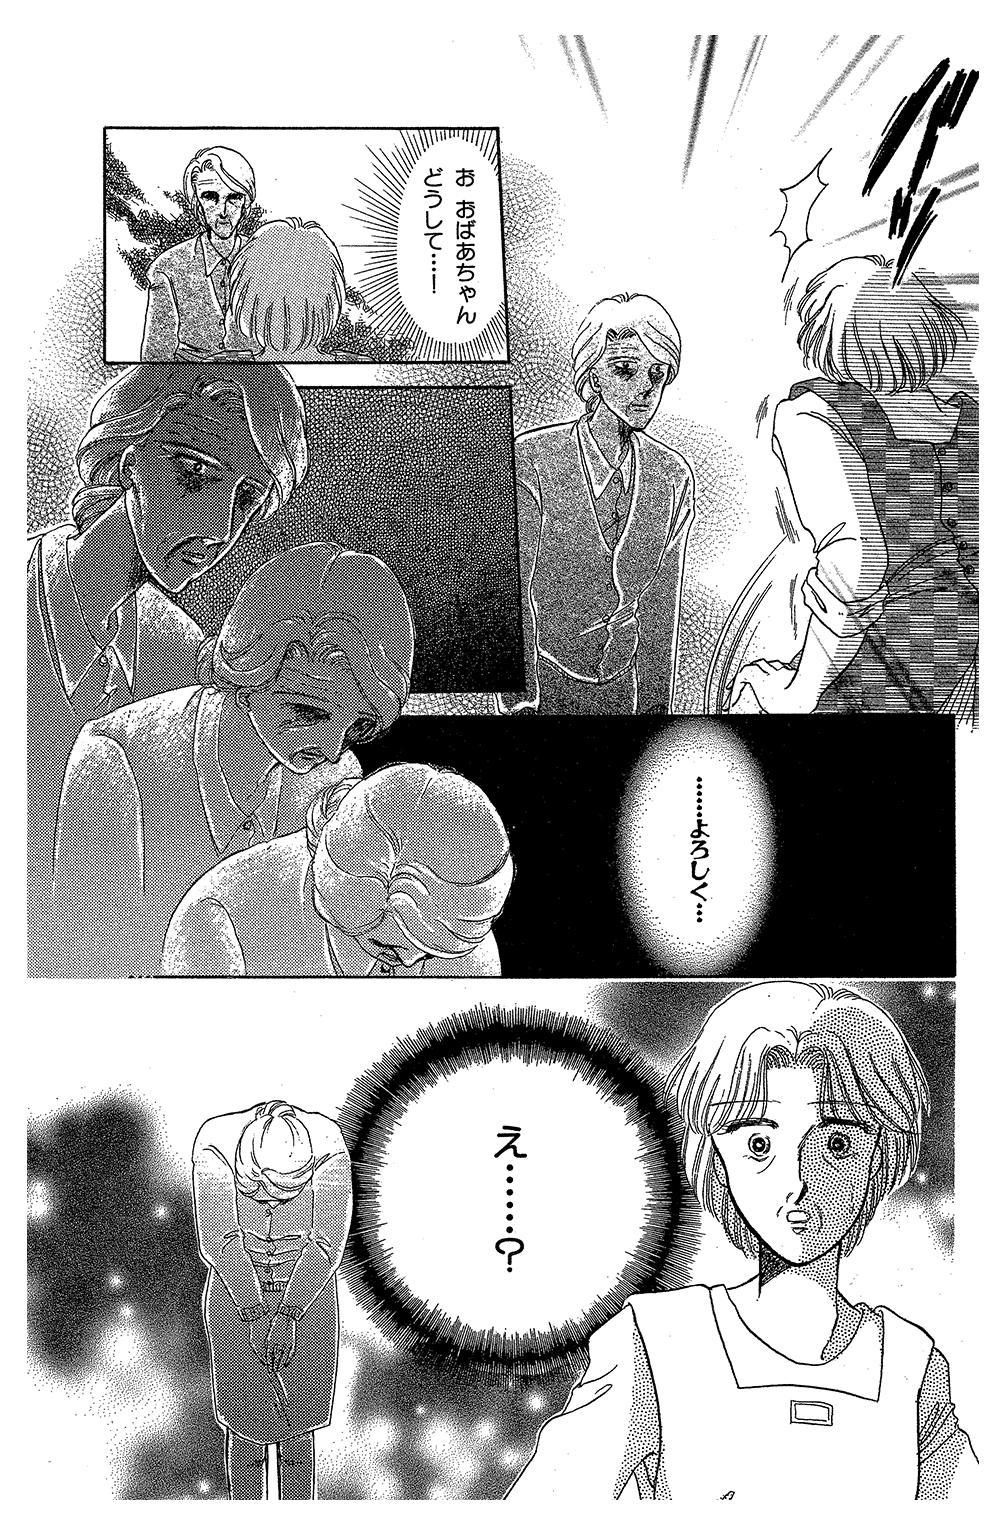 霊感ママシリーズ 第1話「花の陰影」①reikan09.jpg